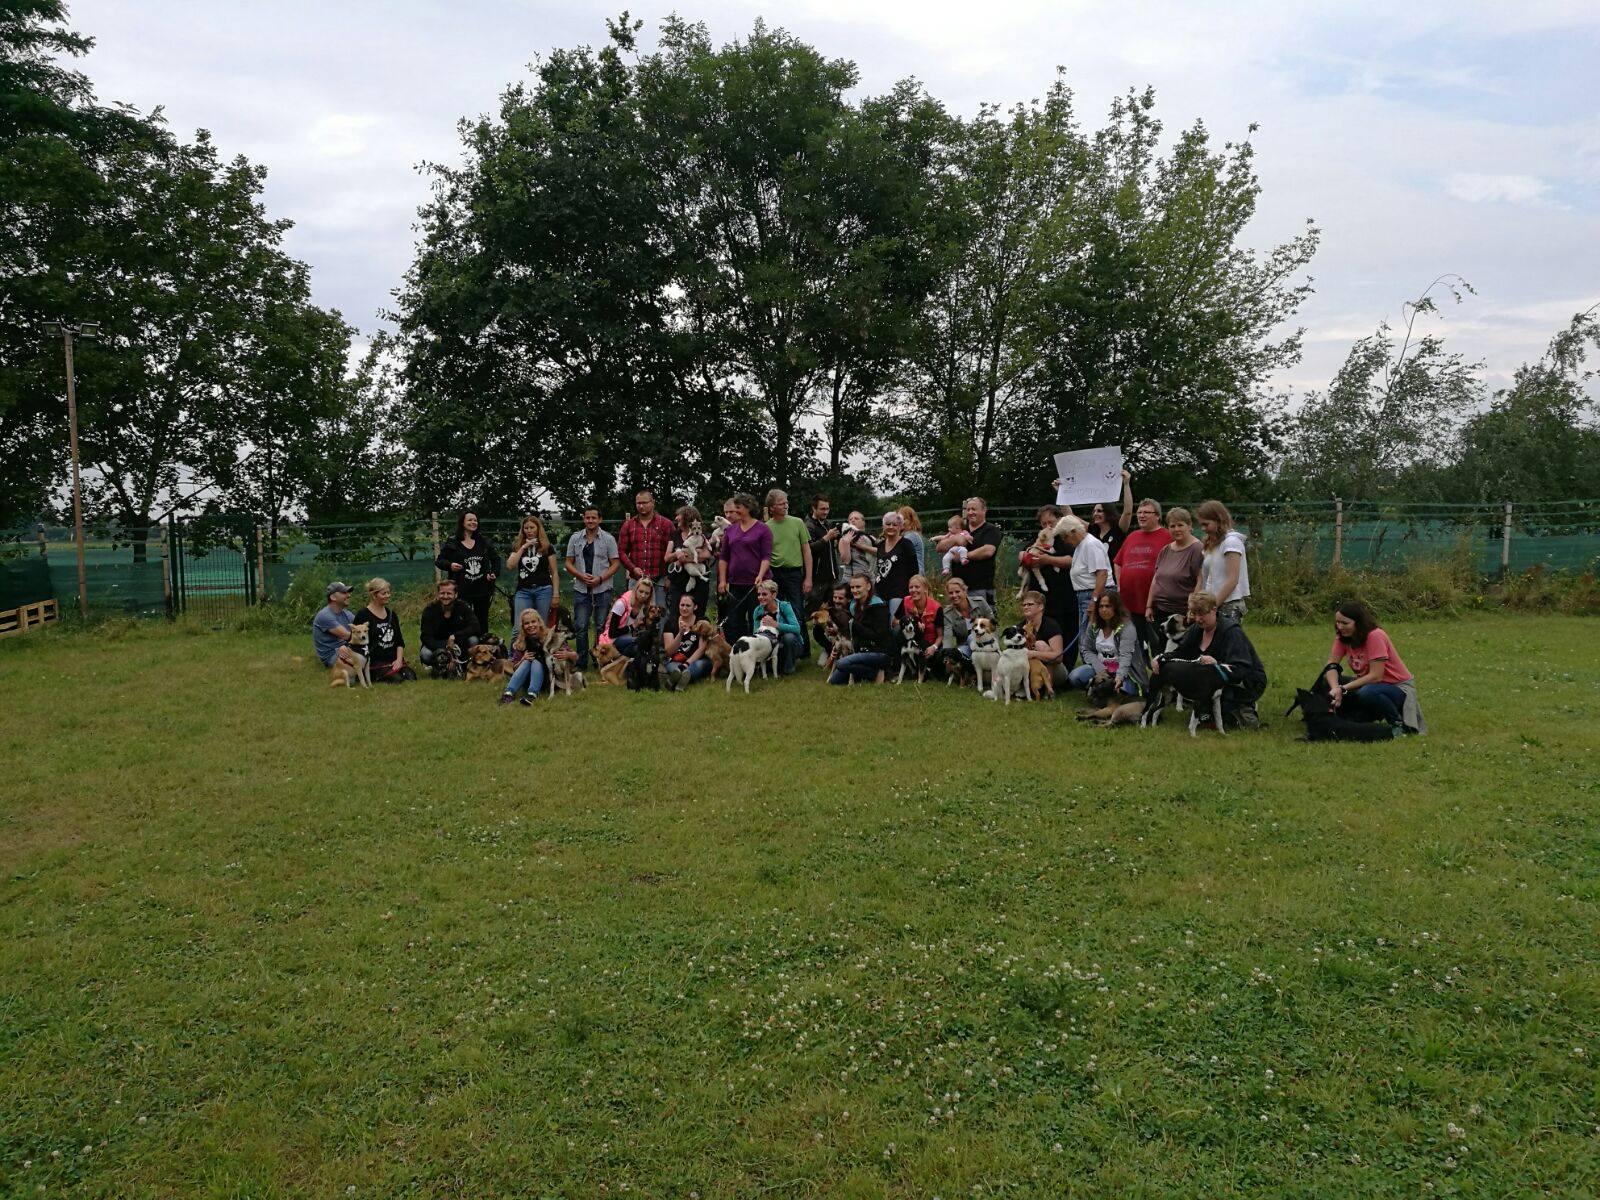 Hundespielplatz Treffen Tierengel Bulgarien 07-2016